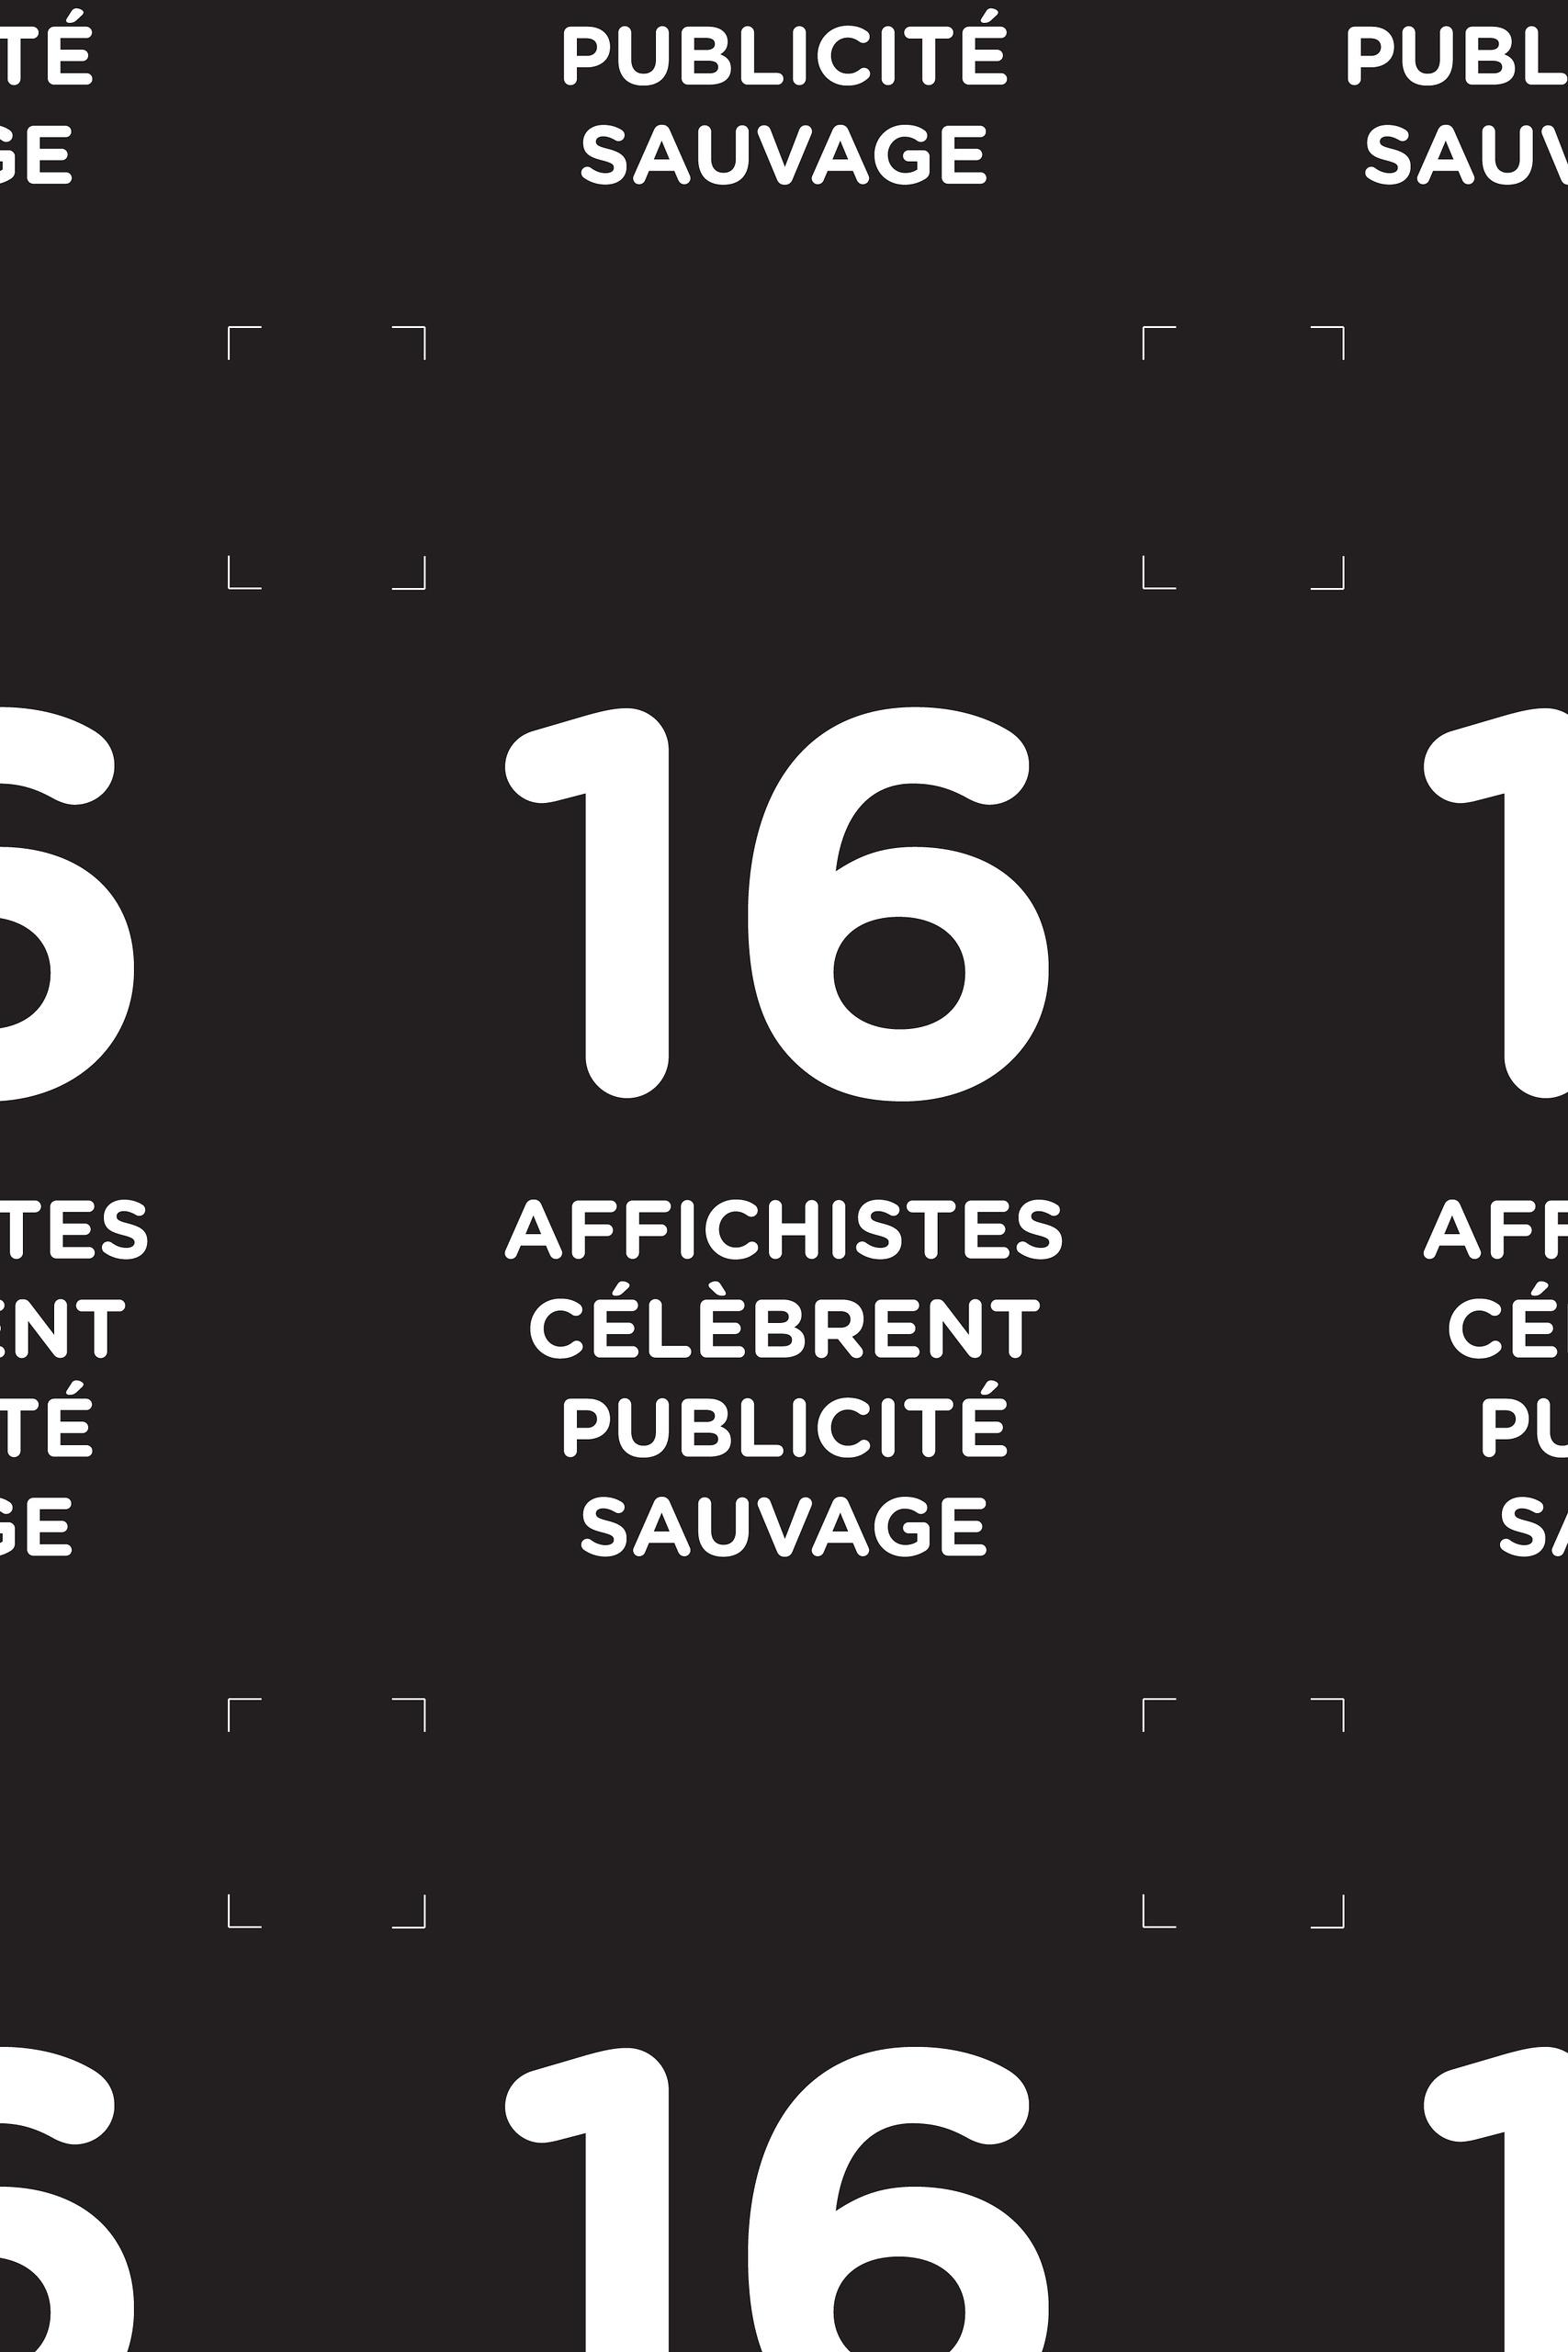 2013 - Exposition - 16 Affichistes célèbrent Publicité Sauvage